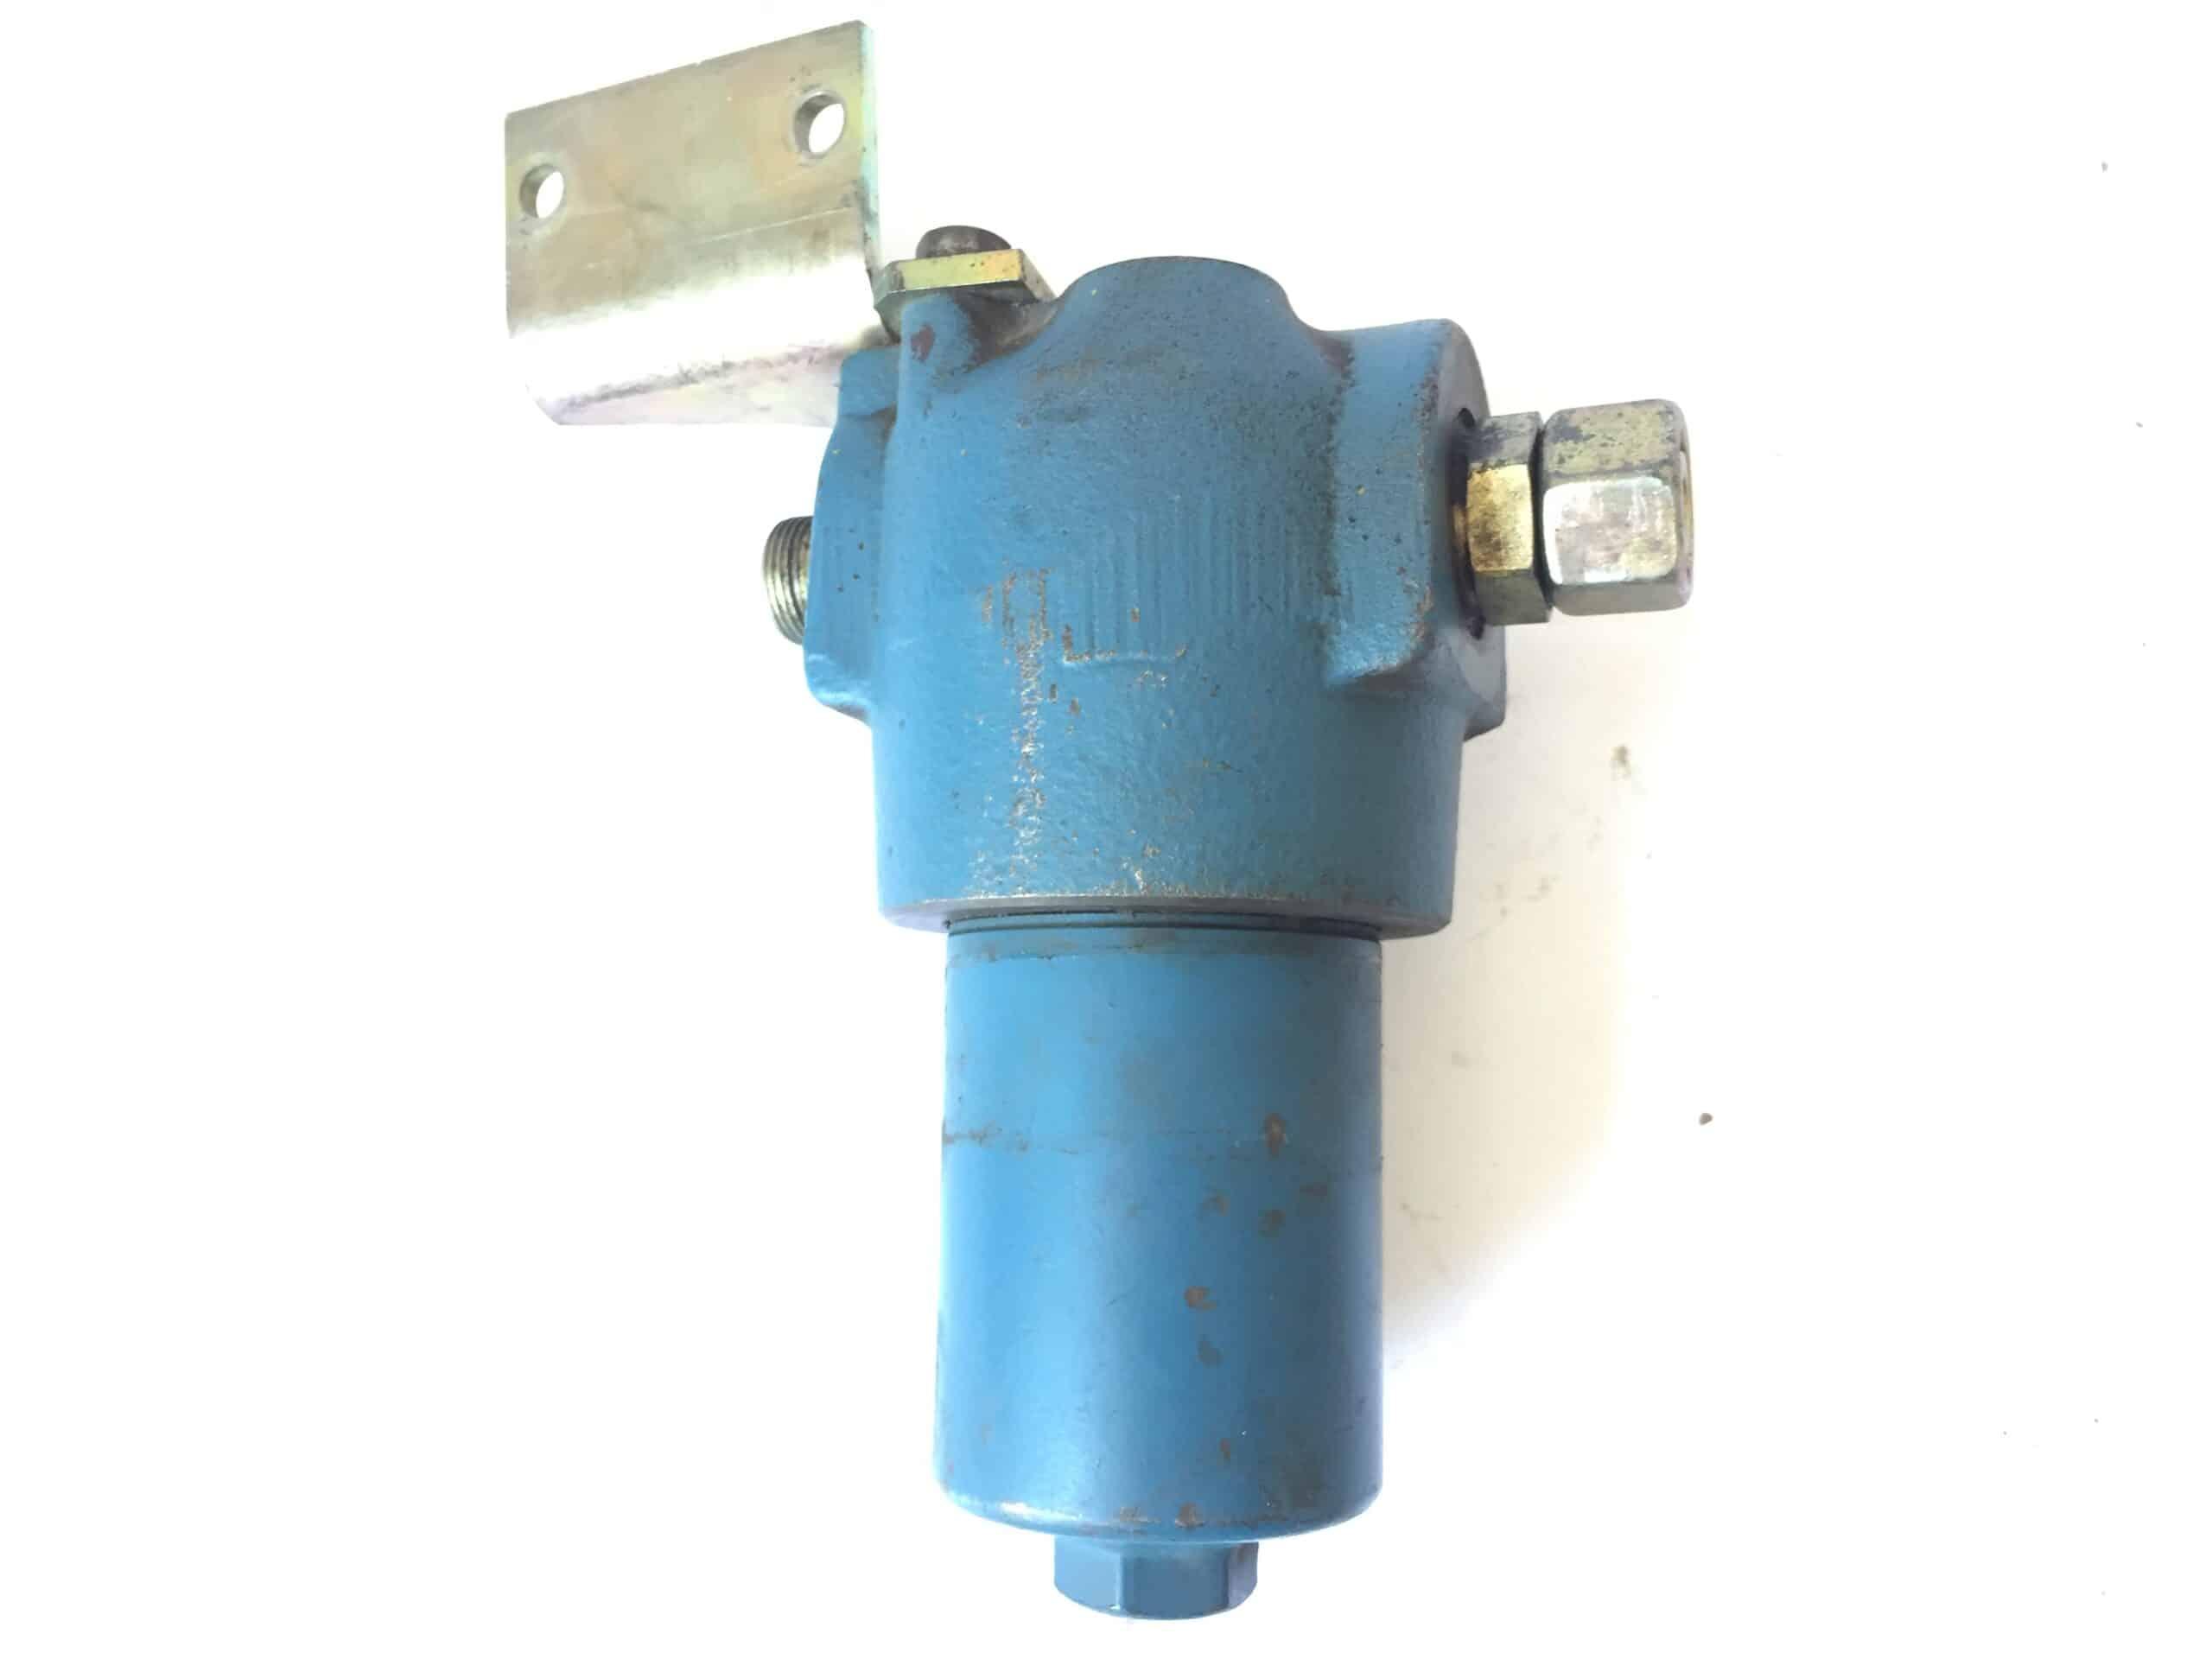   Filter insert   Fazl-e-Rasheed and Company October 2021